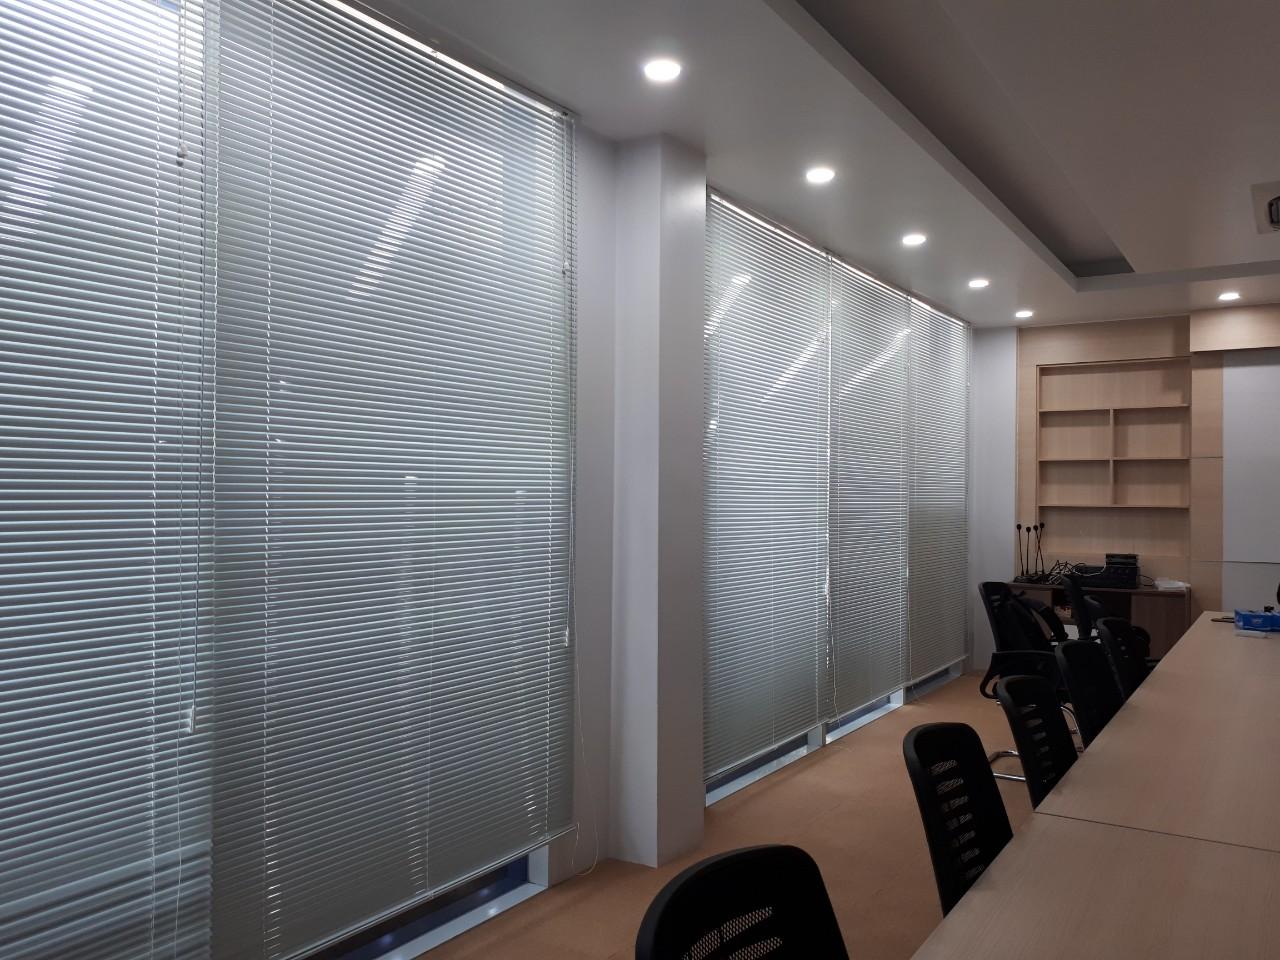 Lựa Chọn Rèm Cửa Văn Phòng Phù Hợp Tại Đồng Nai 7